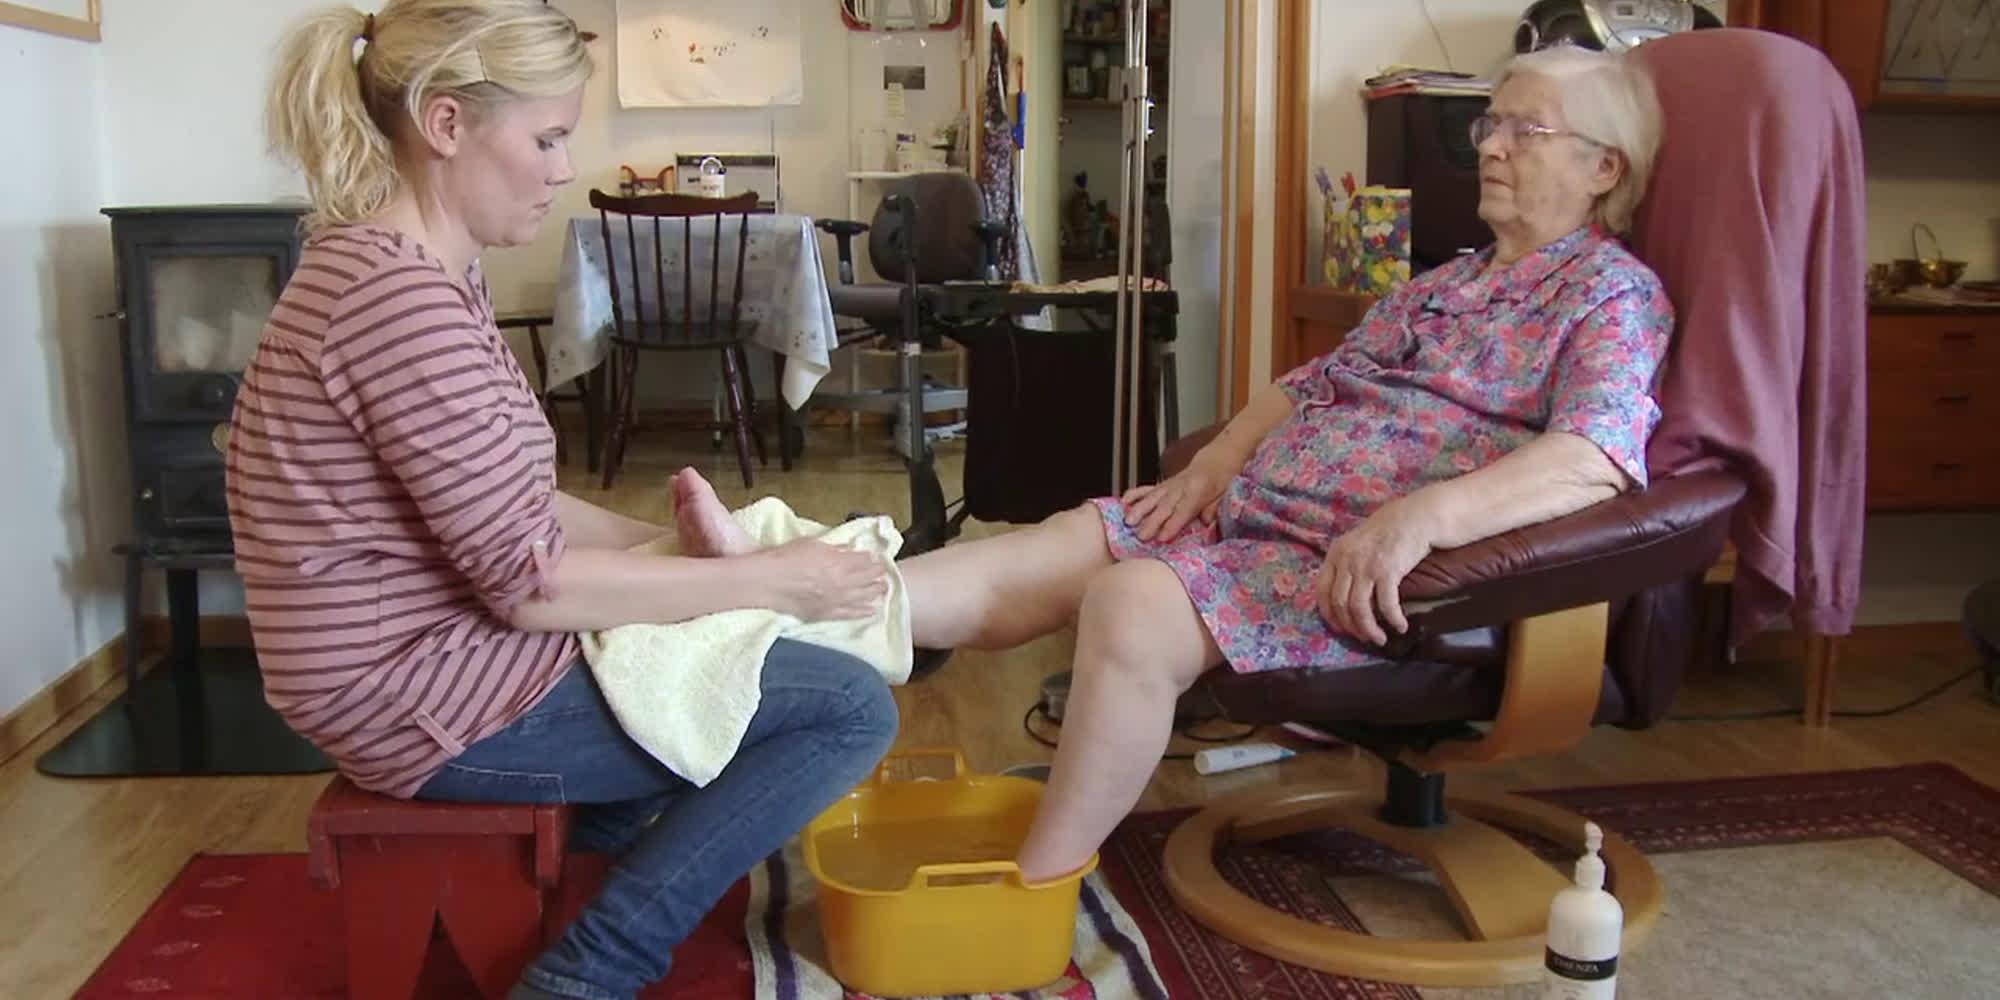 En ung kvinne vasker føttene til en eldre dame i en lenestol. Foto.